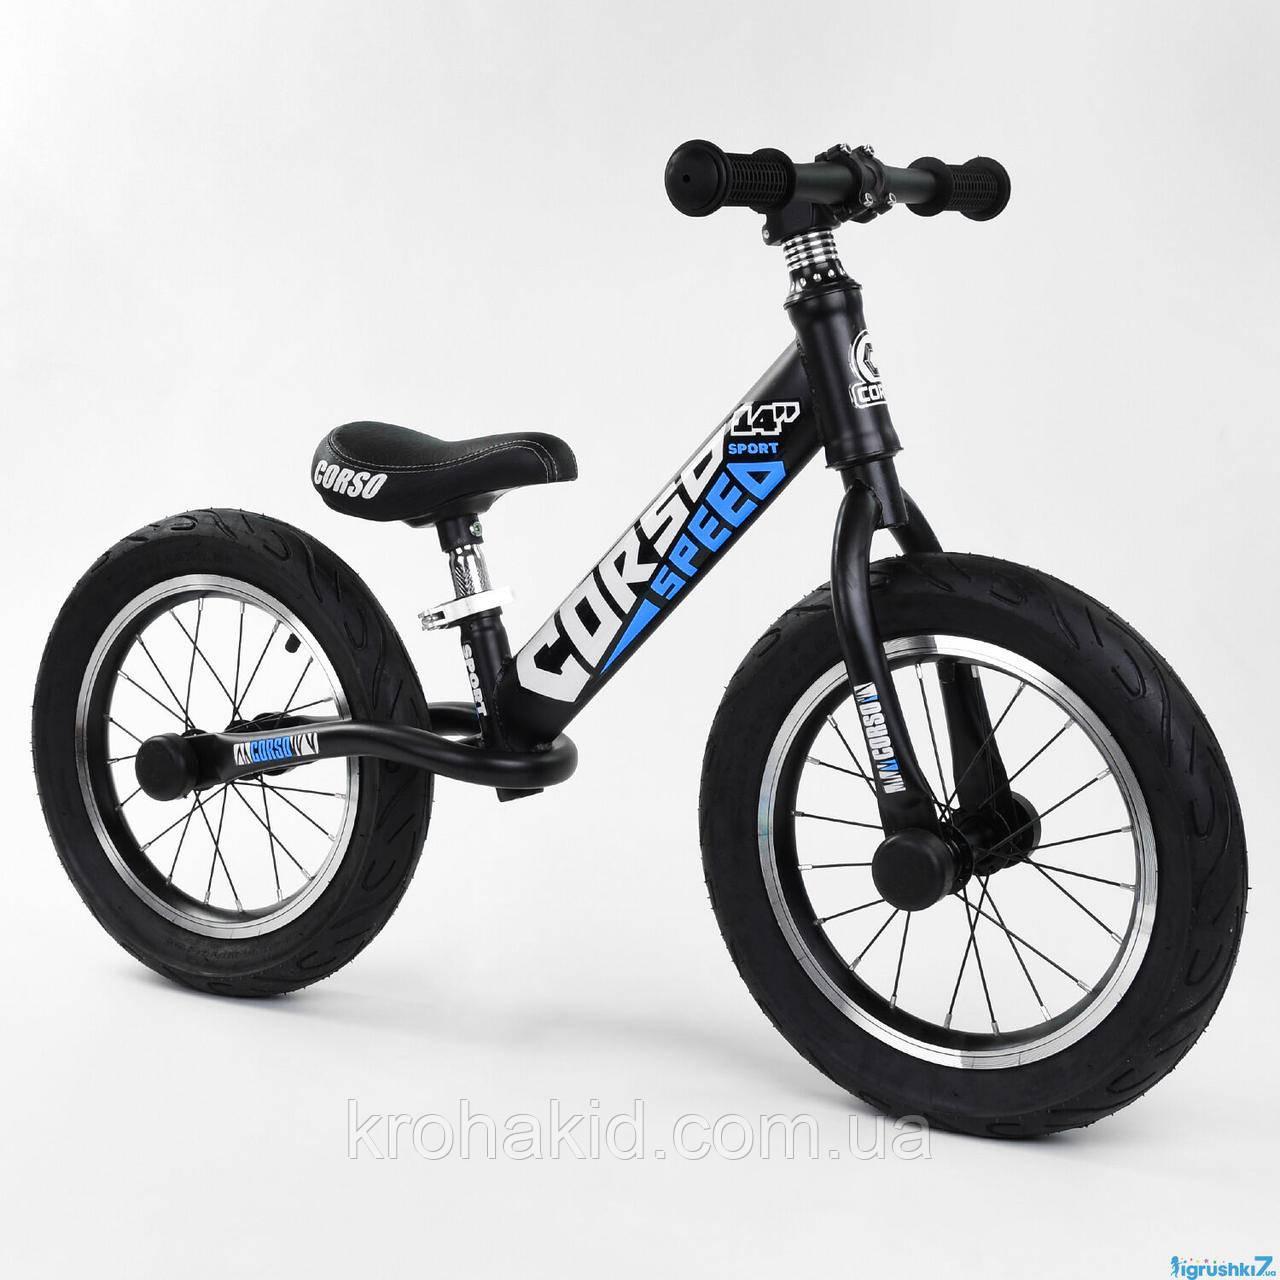 Детский велобег CORSO 32839 стальная рама, колеса надувные резиновые, алюминиевые диски и вынос руля